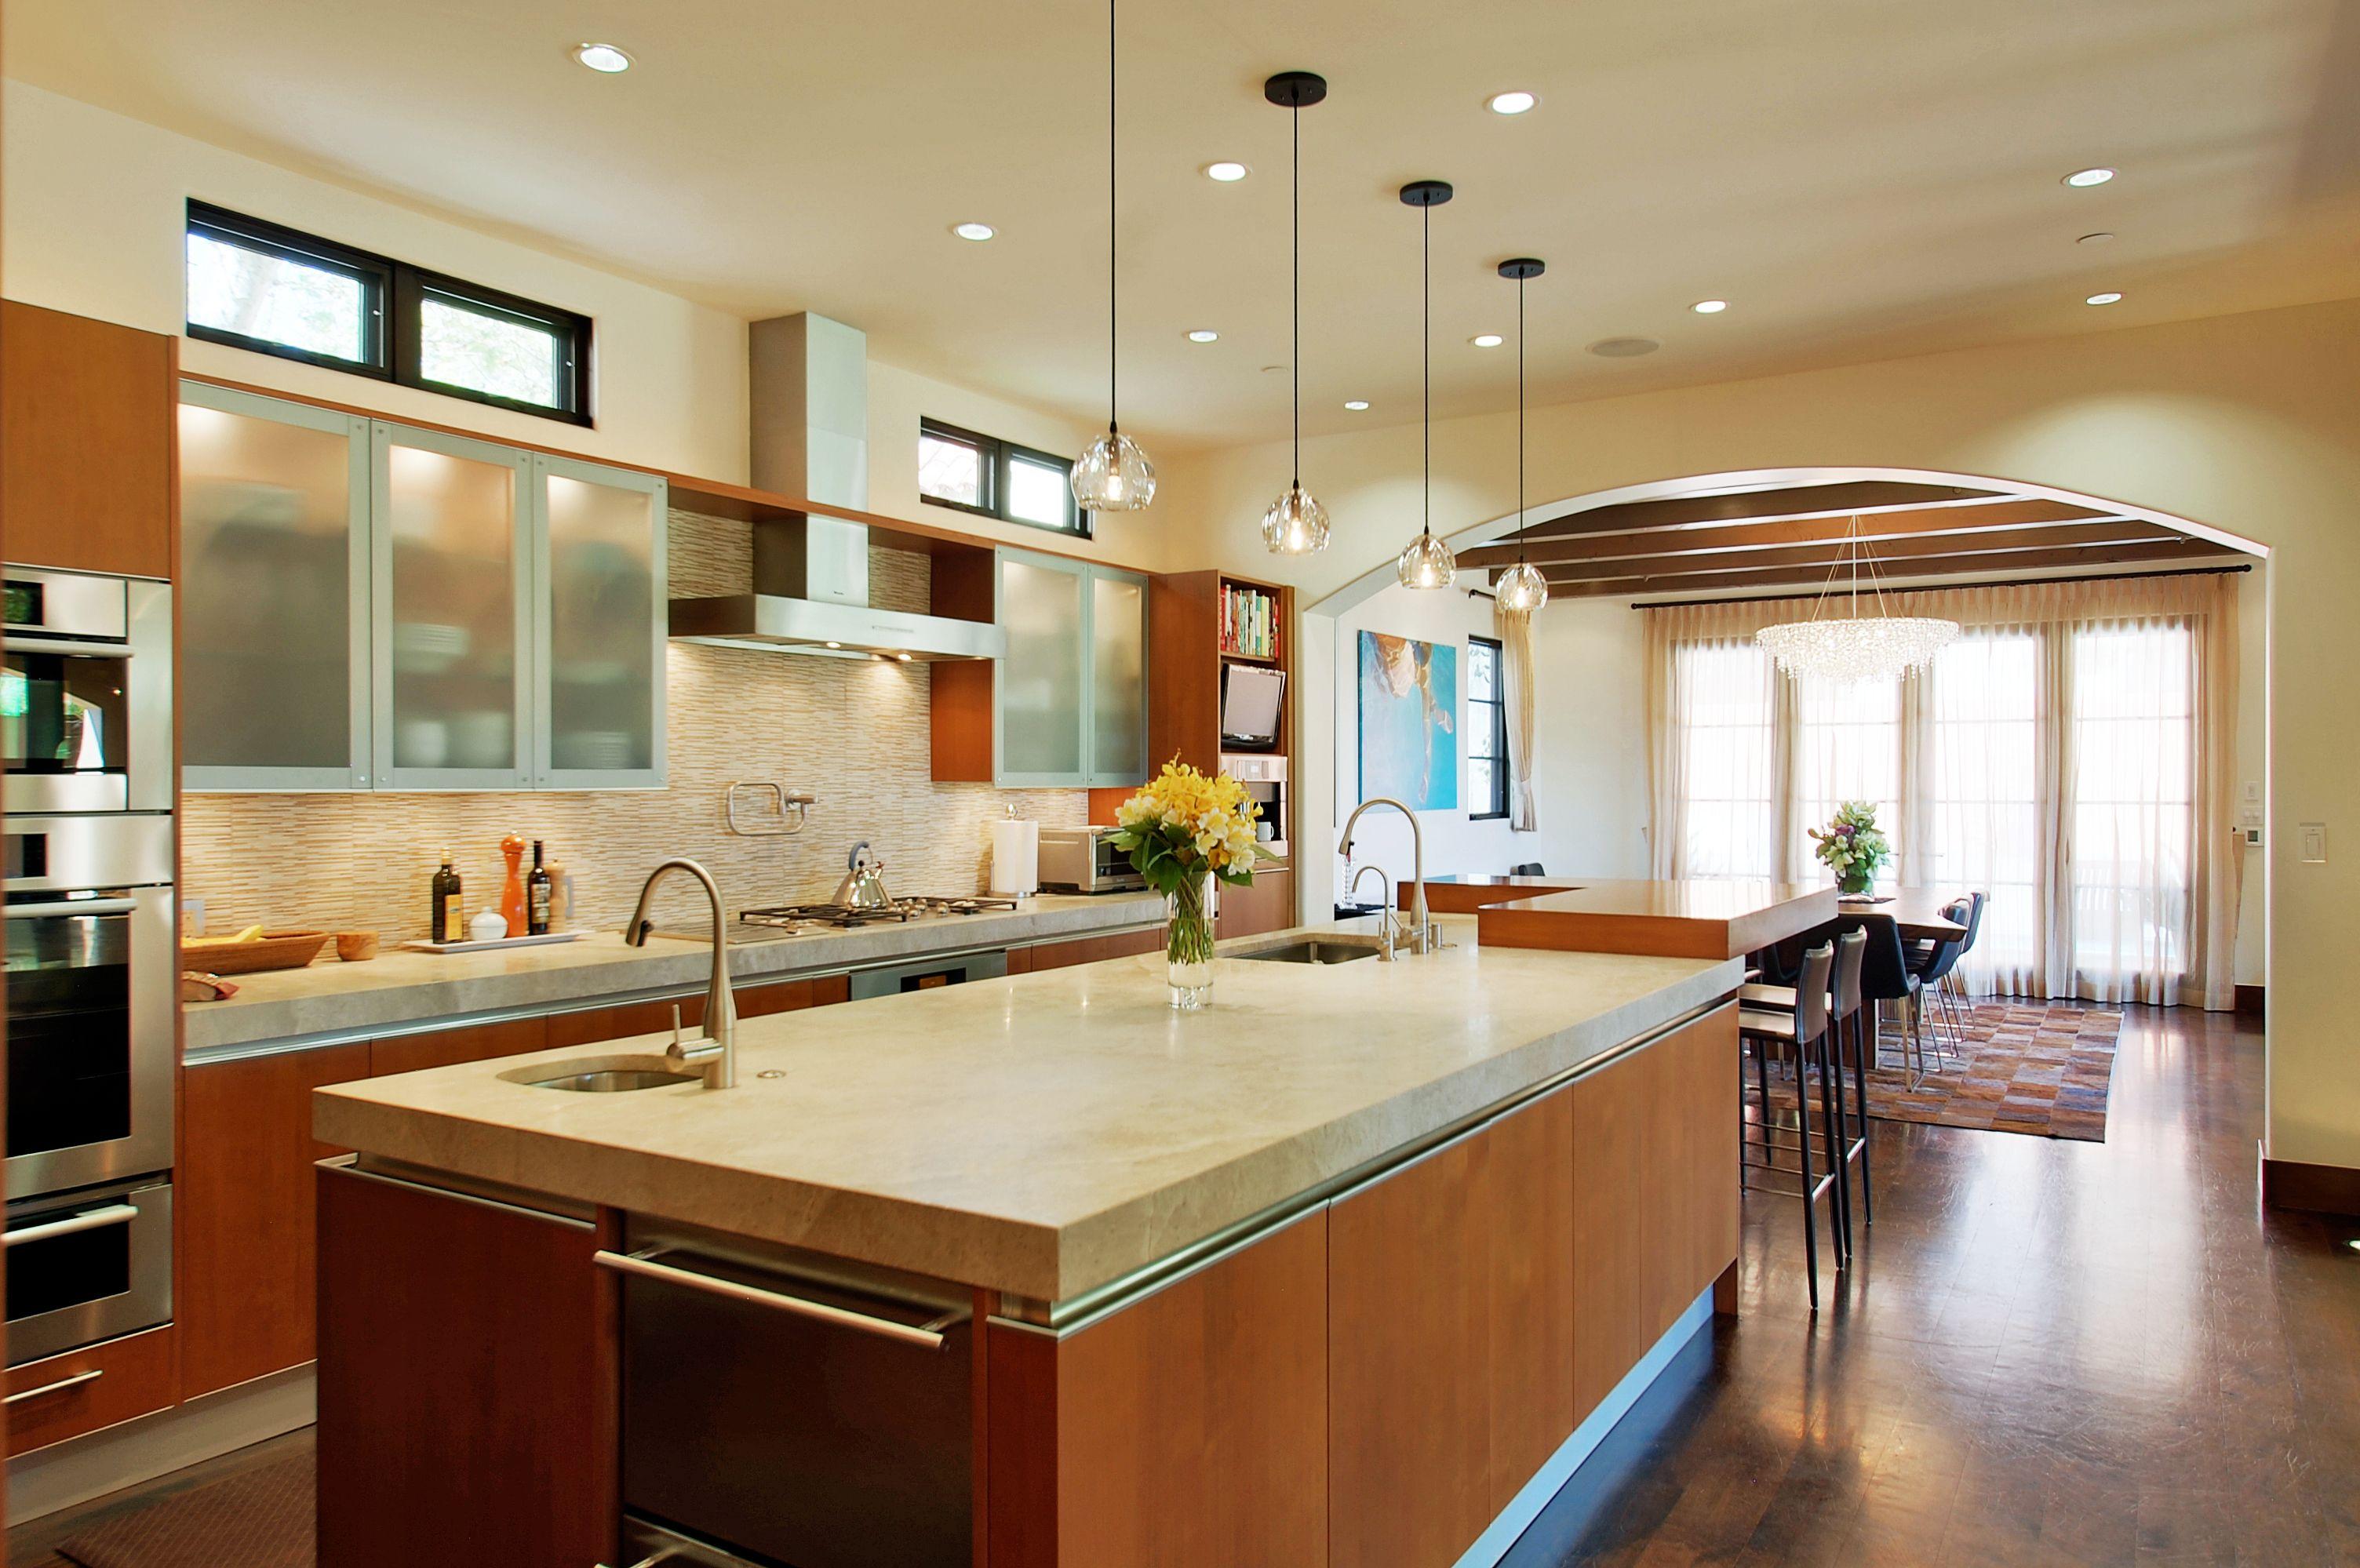 Idea Kitchen By Snaidero Usa Los Angeles Italian Modern Designs Modern Kitchen Design Kitchen Layout Kitchen Design